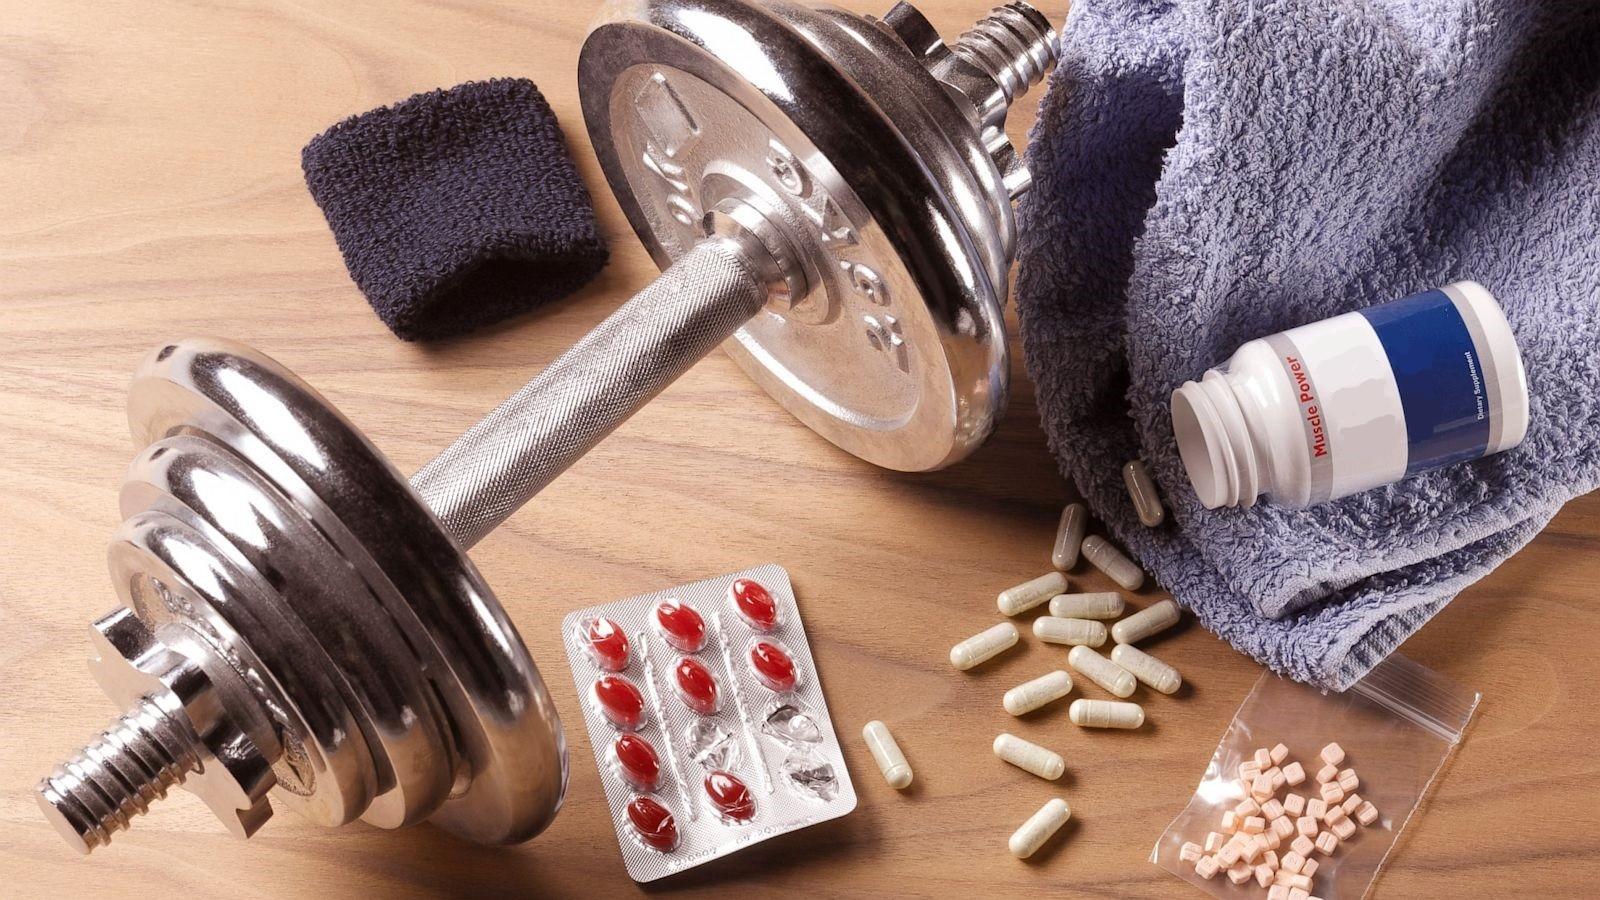 Метионин: преимущества, побочные эффекты и дозировка